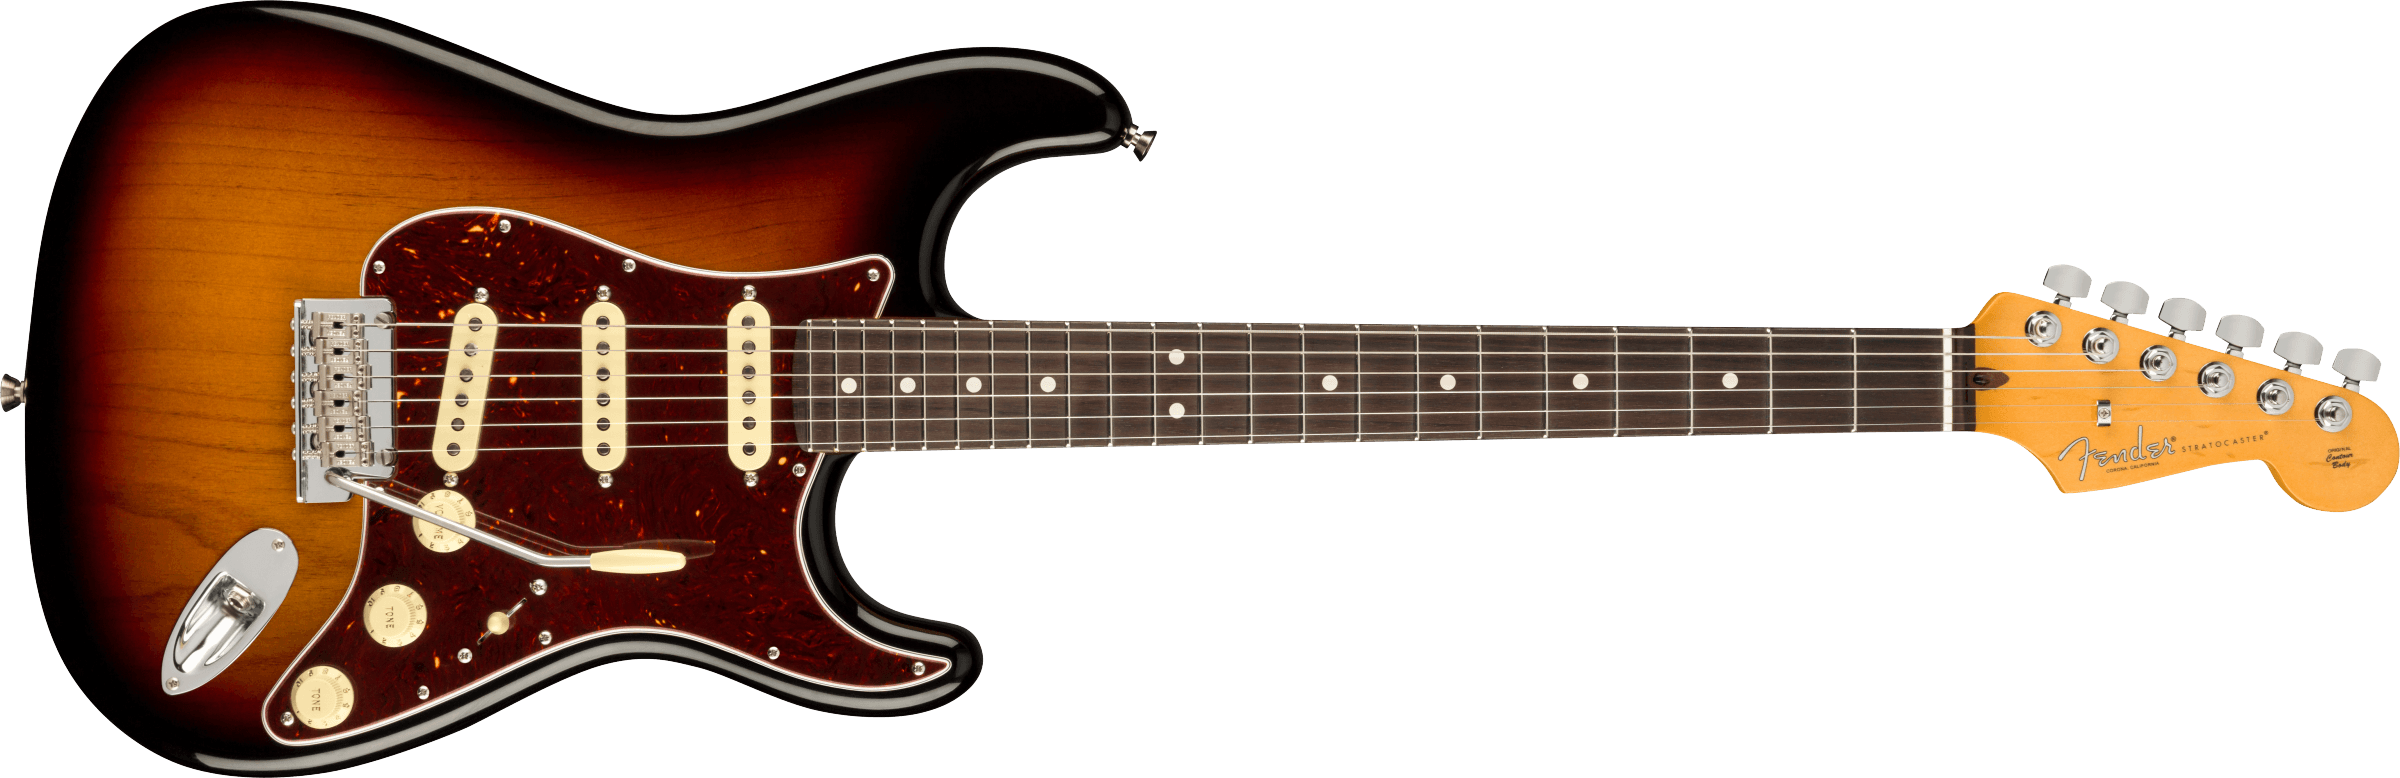 FENDER-American-Professional-II-Stratocaster-Rosewood-Fingerboard-3-Color-Sunburst-sku-571005527